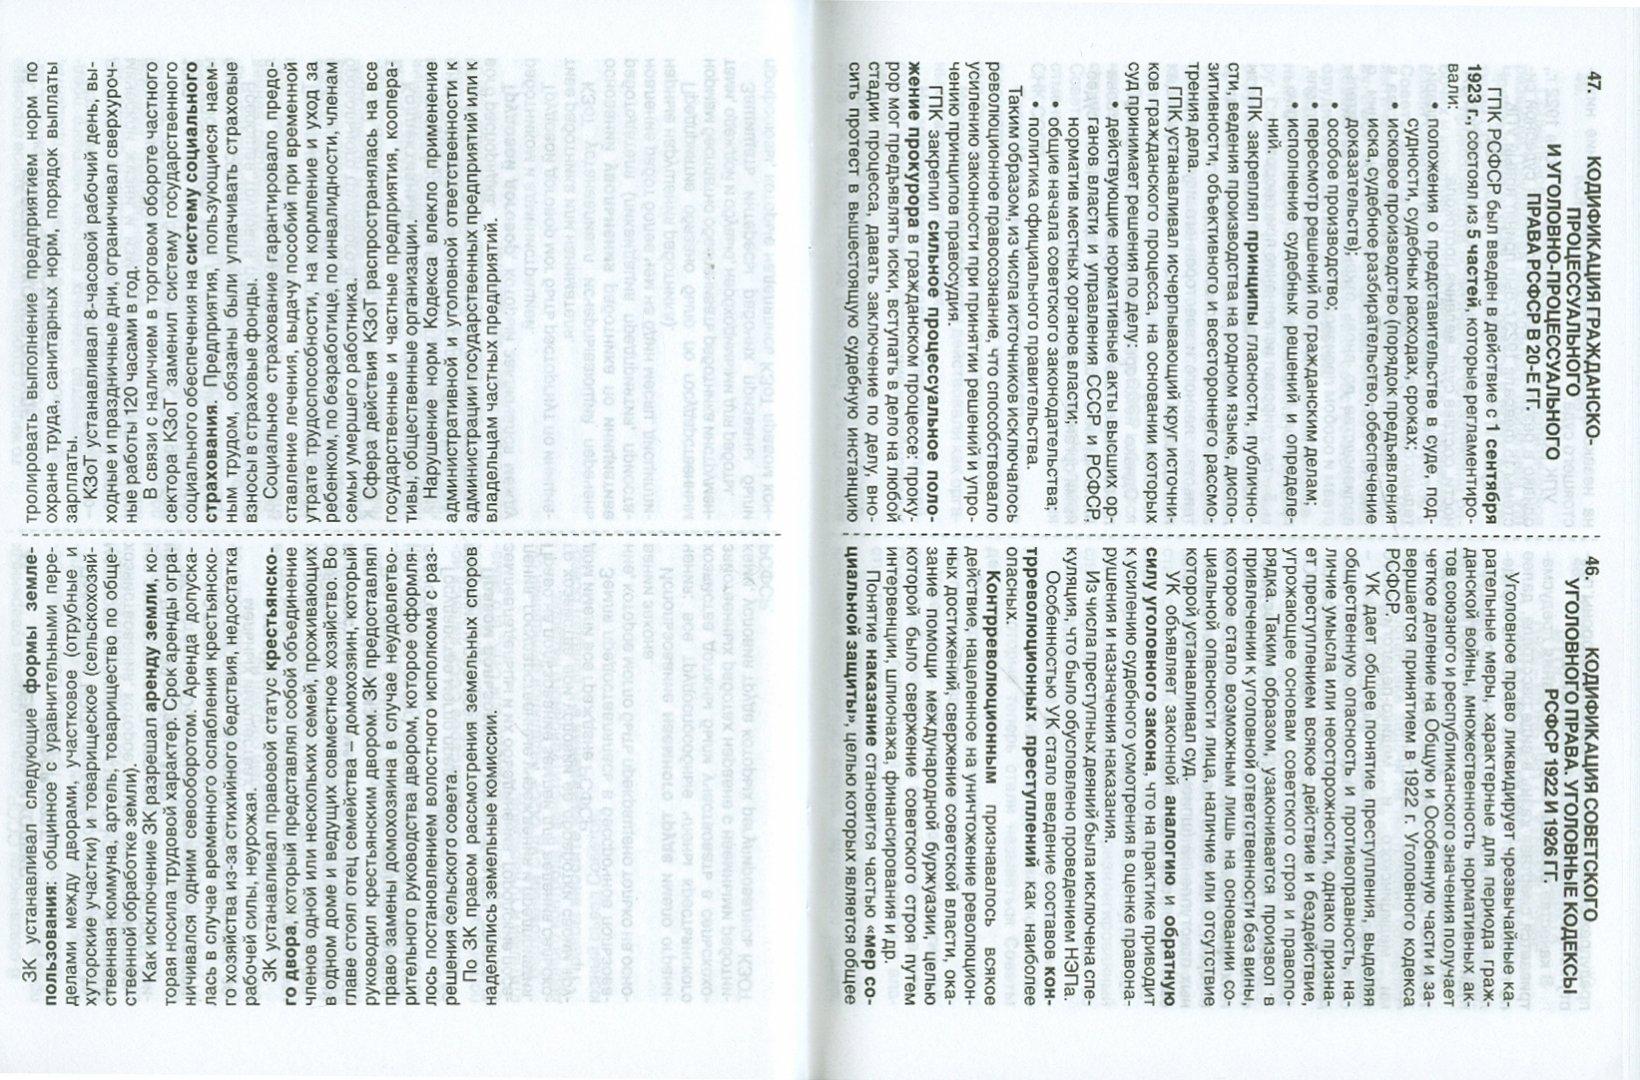 Иллюстрация 1 из 3 для История отечественного государства и права. Шпаргалка - Евгения Романенкова | Лабиринт - книги. Источник: Лабиринт